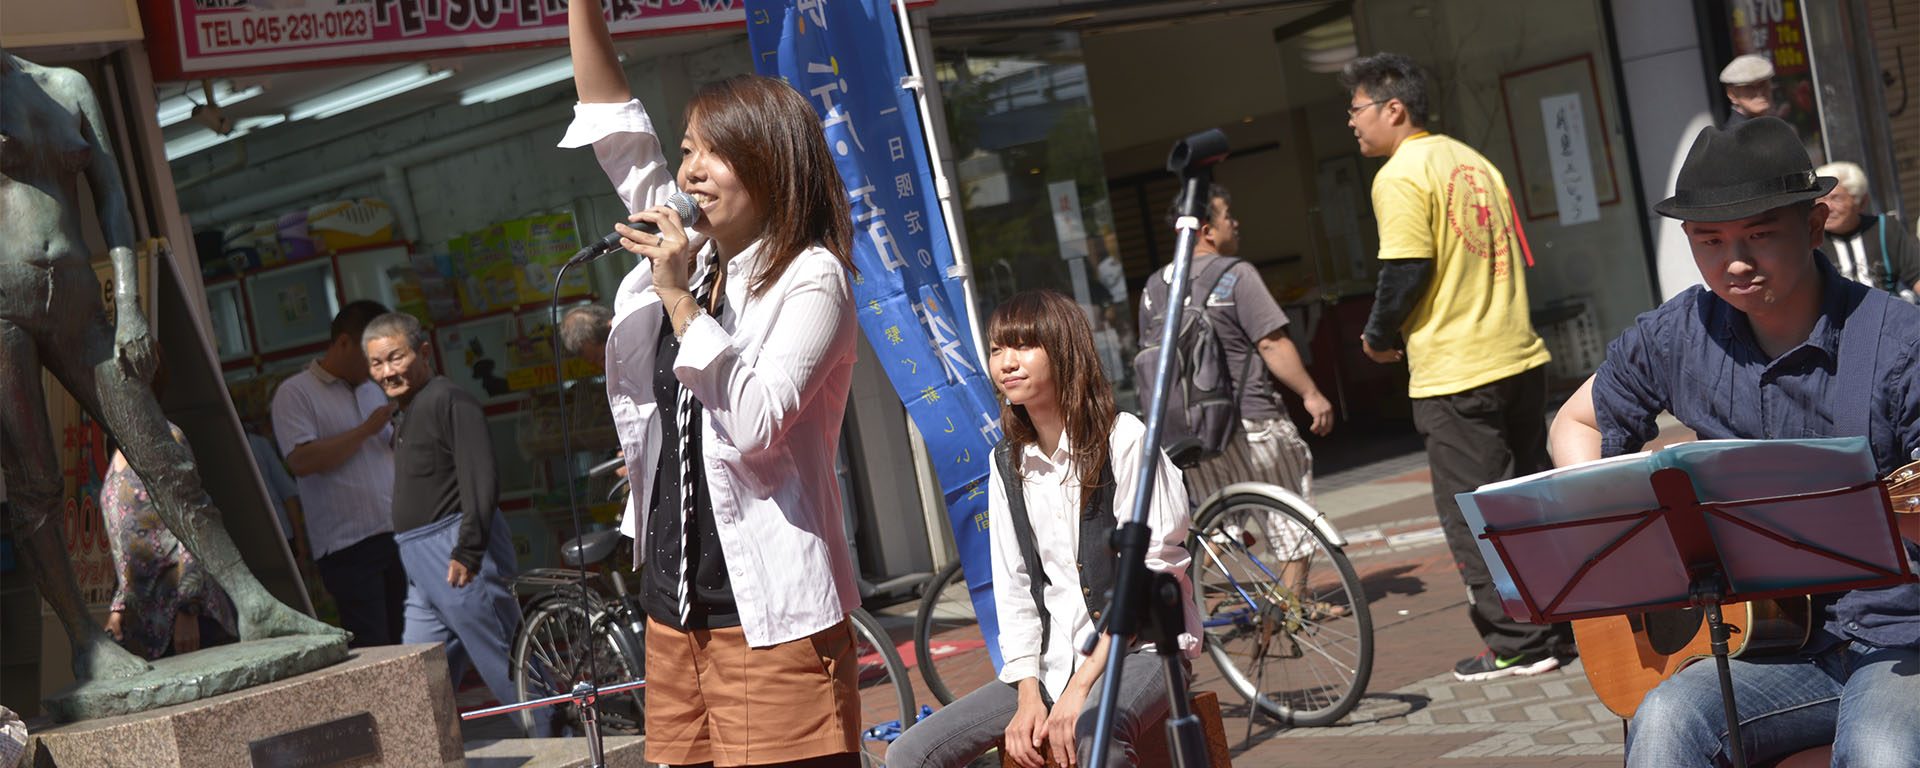 人を、街を、音楽でつなぐ市民団体 認定NPO法人ARCSHIP